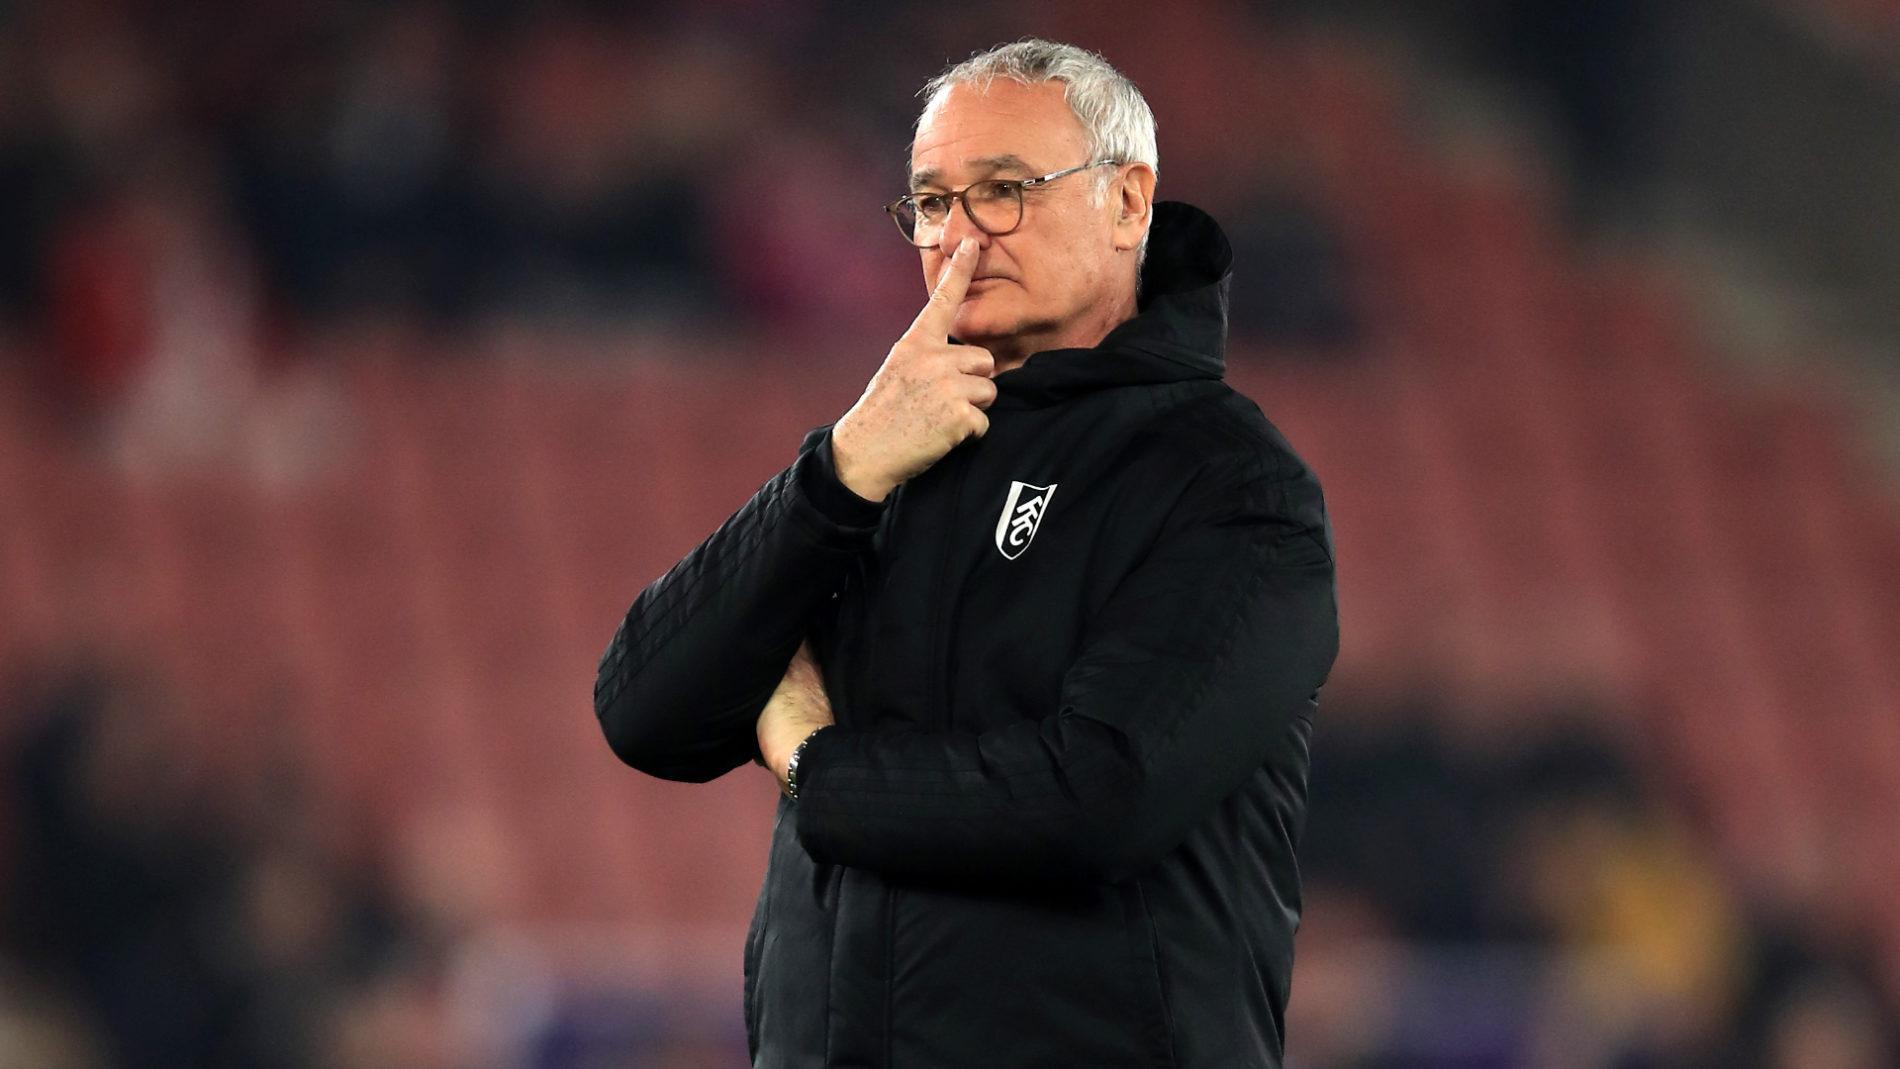 """Ranieri al CorSport: """"La Lazio non è una sorpresa, vince sempre qualcosa"""""""